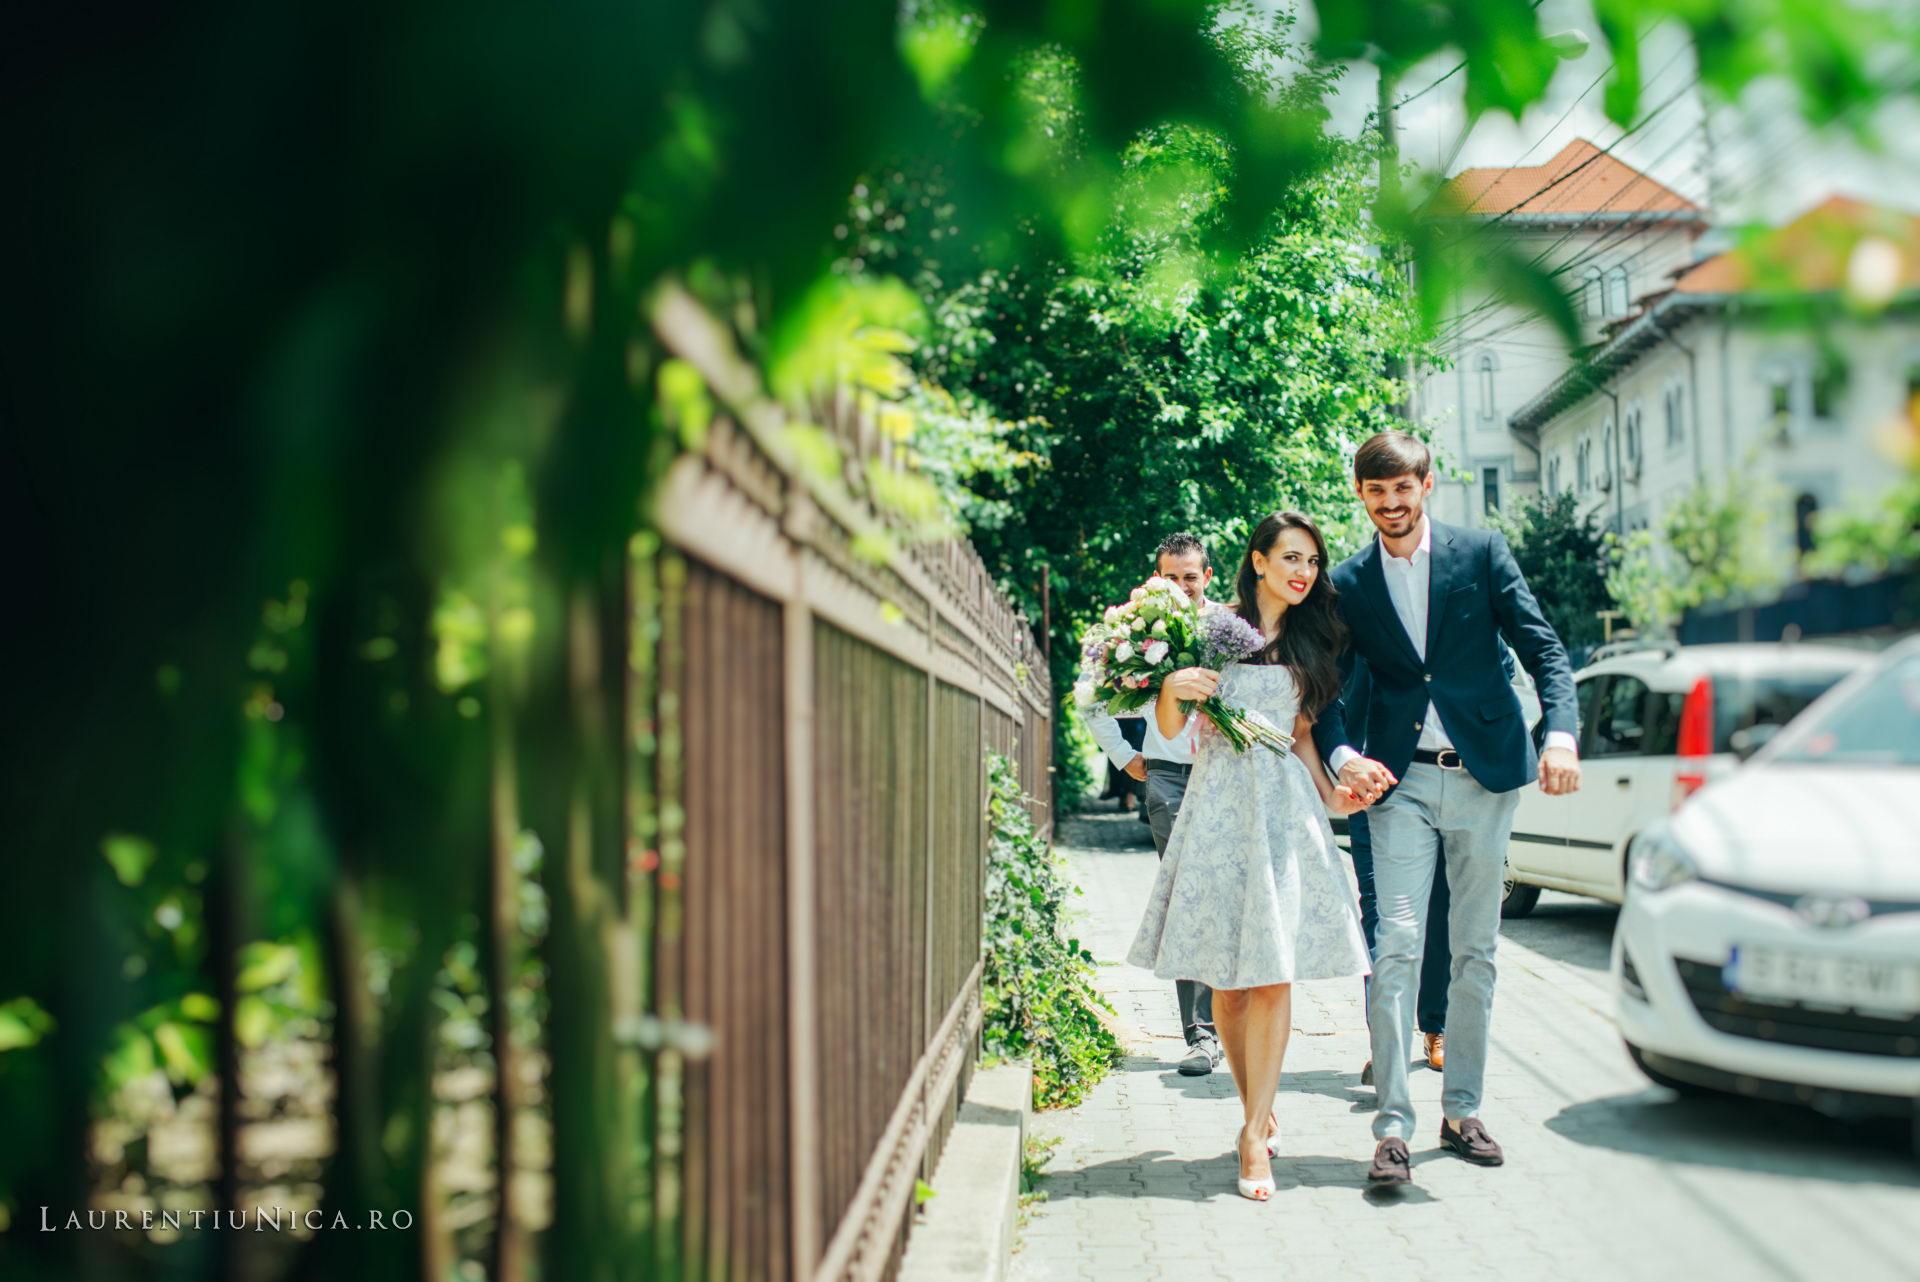 Cristina si Ovidiu nunta Craiova fotograf laurentiu nica 018 - Cristina & Ovidiu | Fotografii nunta | Craiova